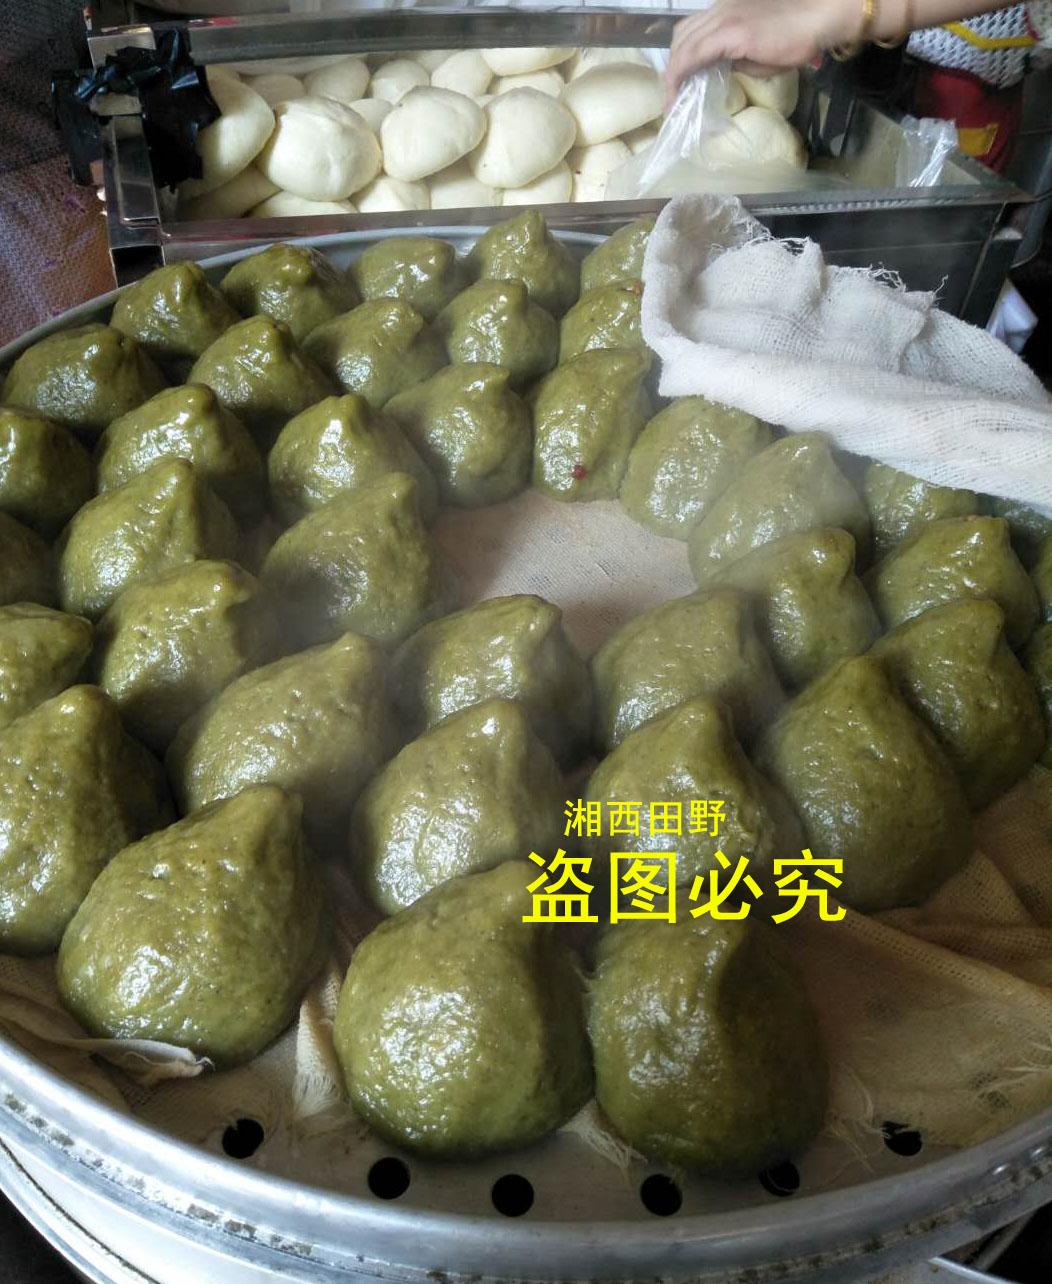 蒿菜粑湖南湘西怀化沅陵特产清明果蒿子粑粑糯米糍粑青团艾草小吃